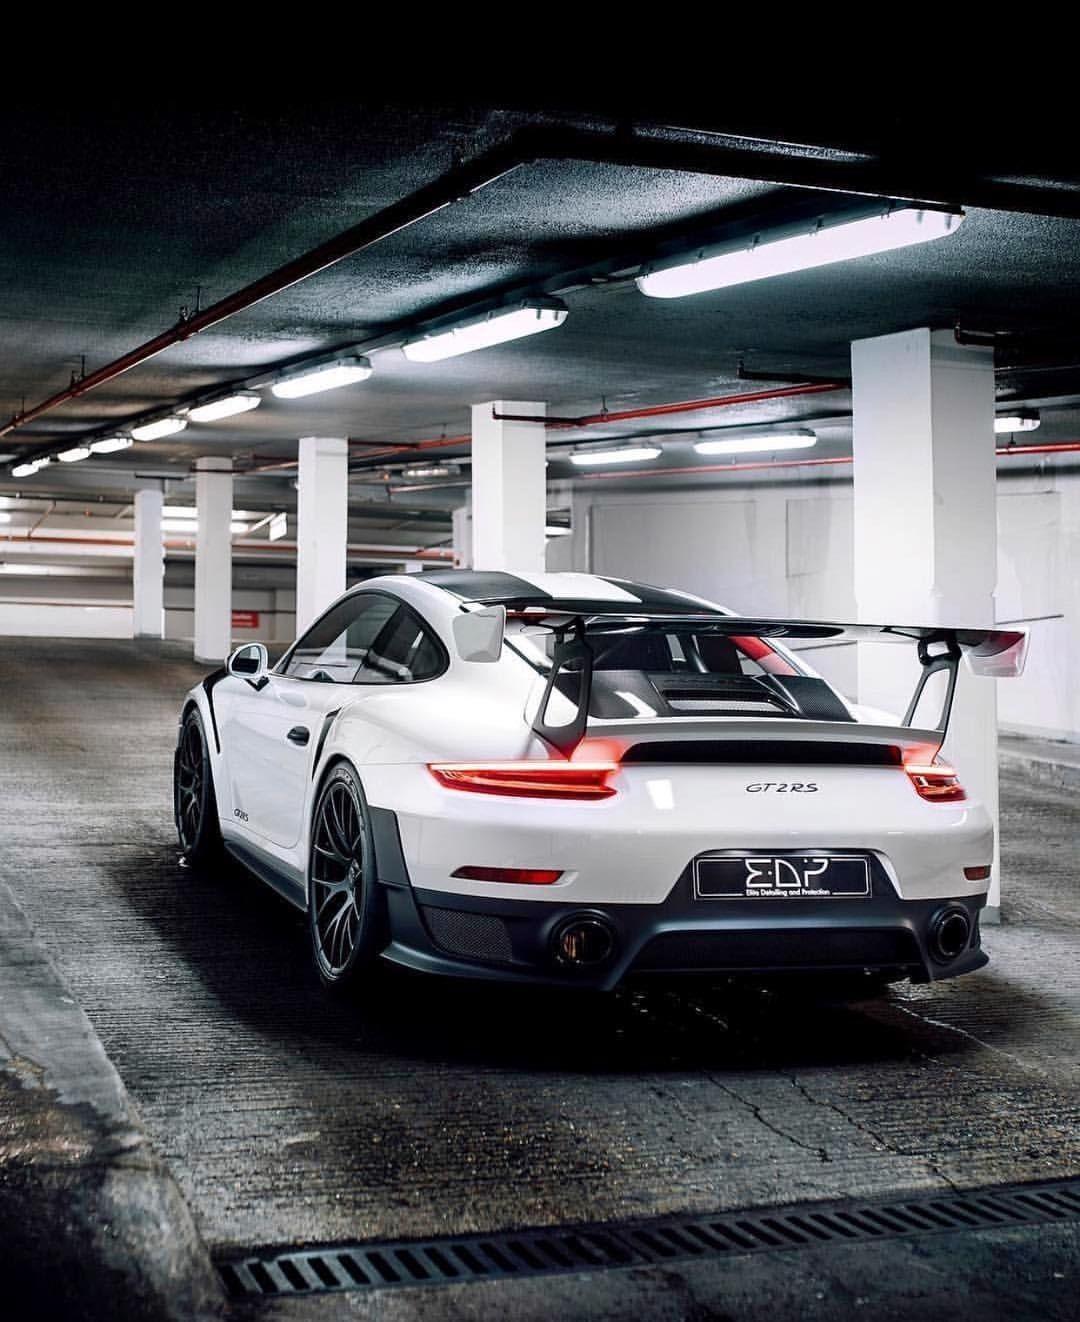 Nicest Porsche Cars Around: Super Cars, Bugatti Cars, Porsche